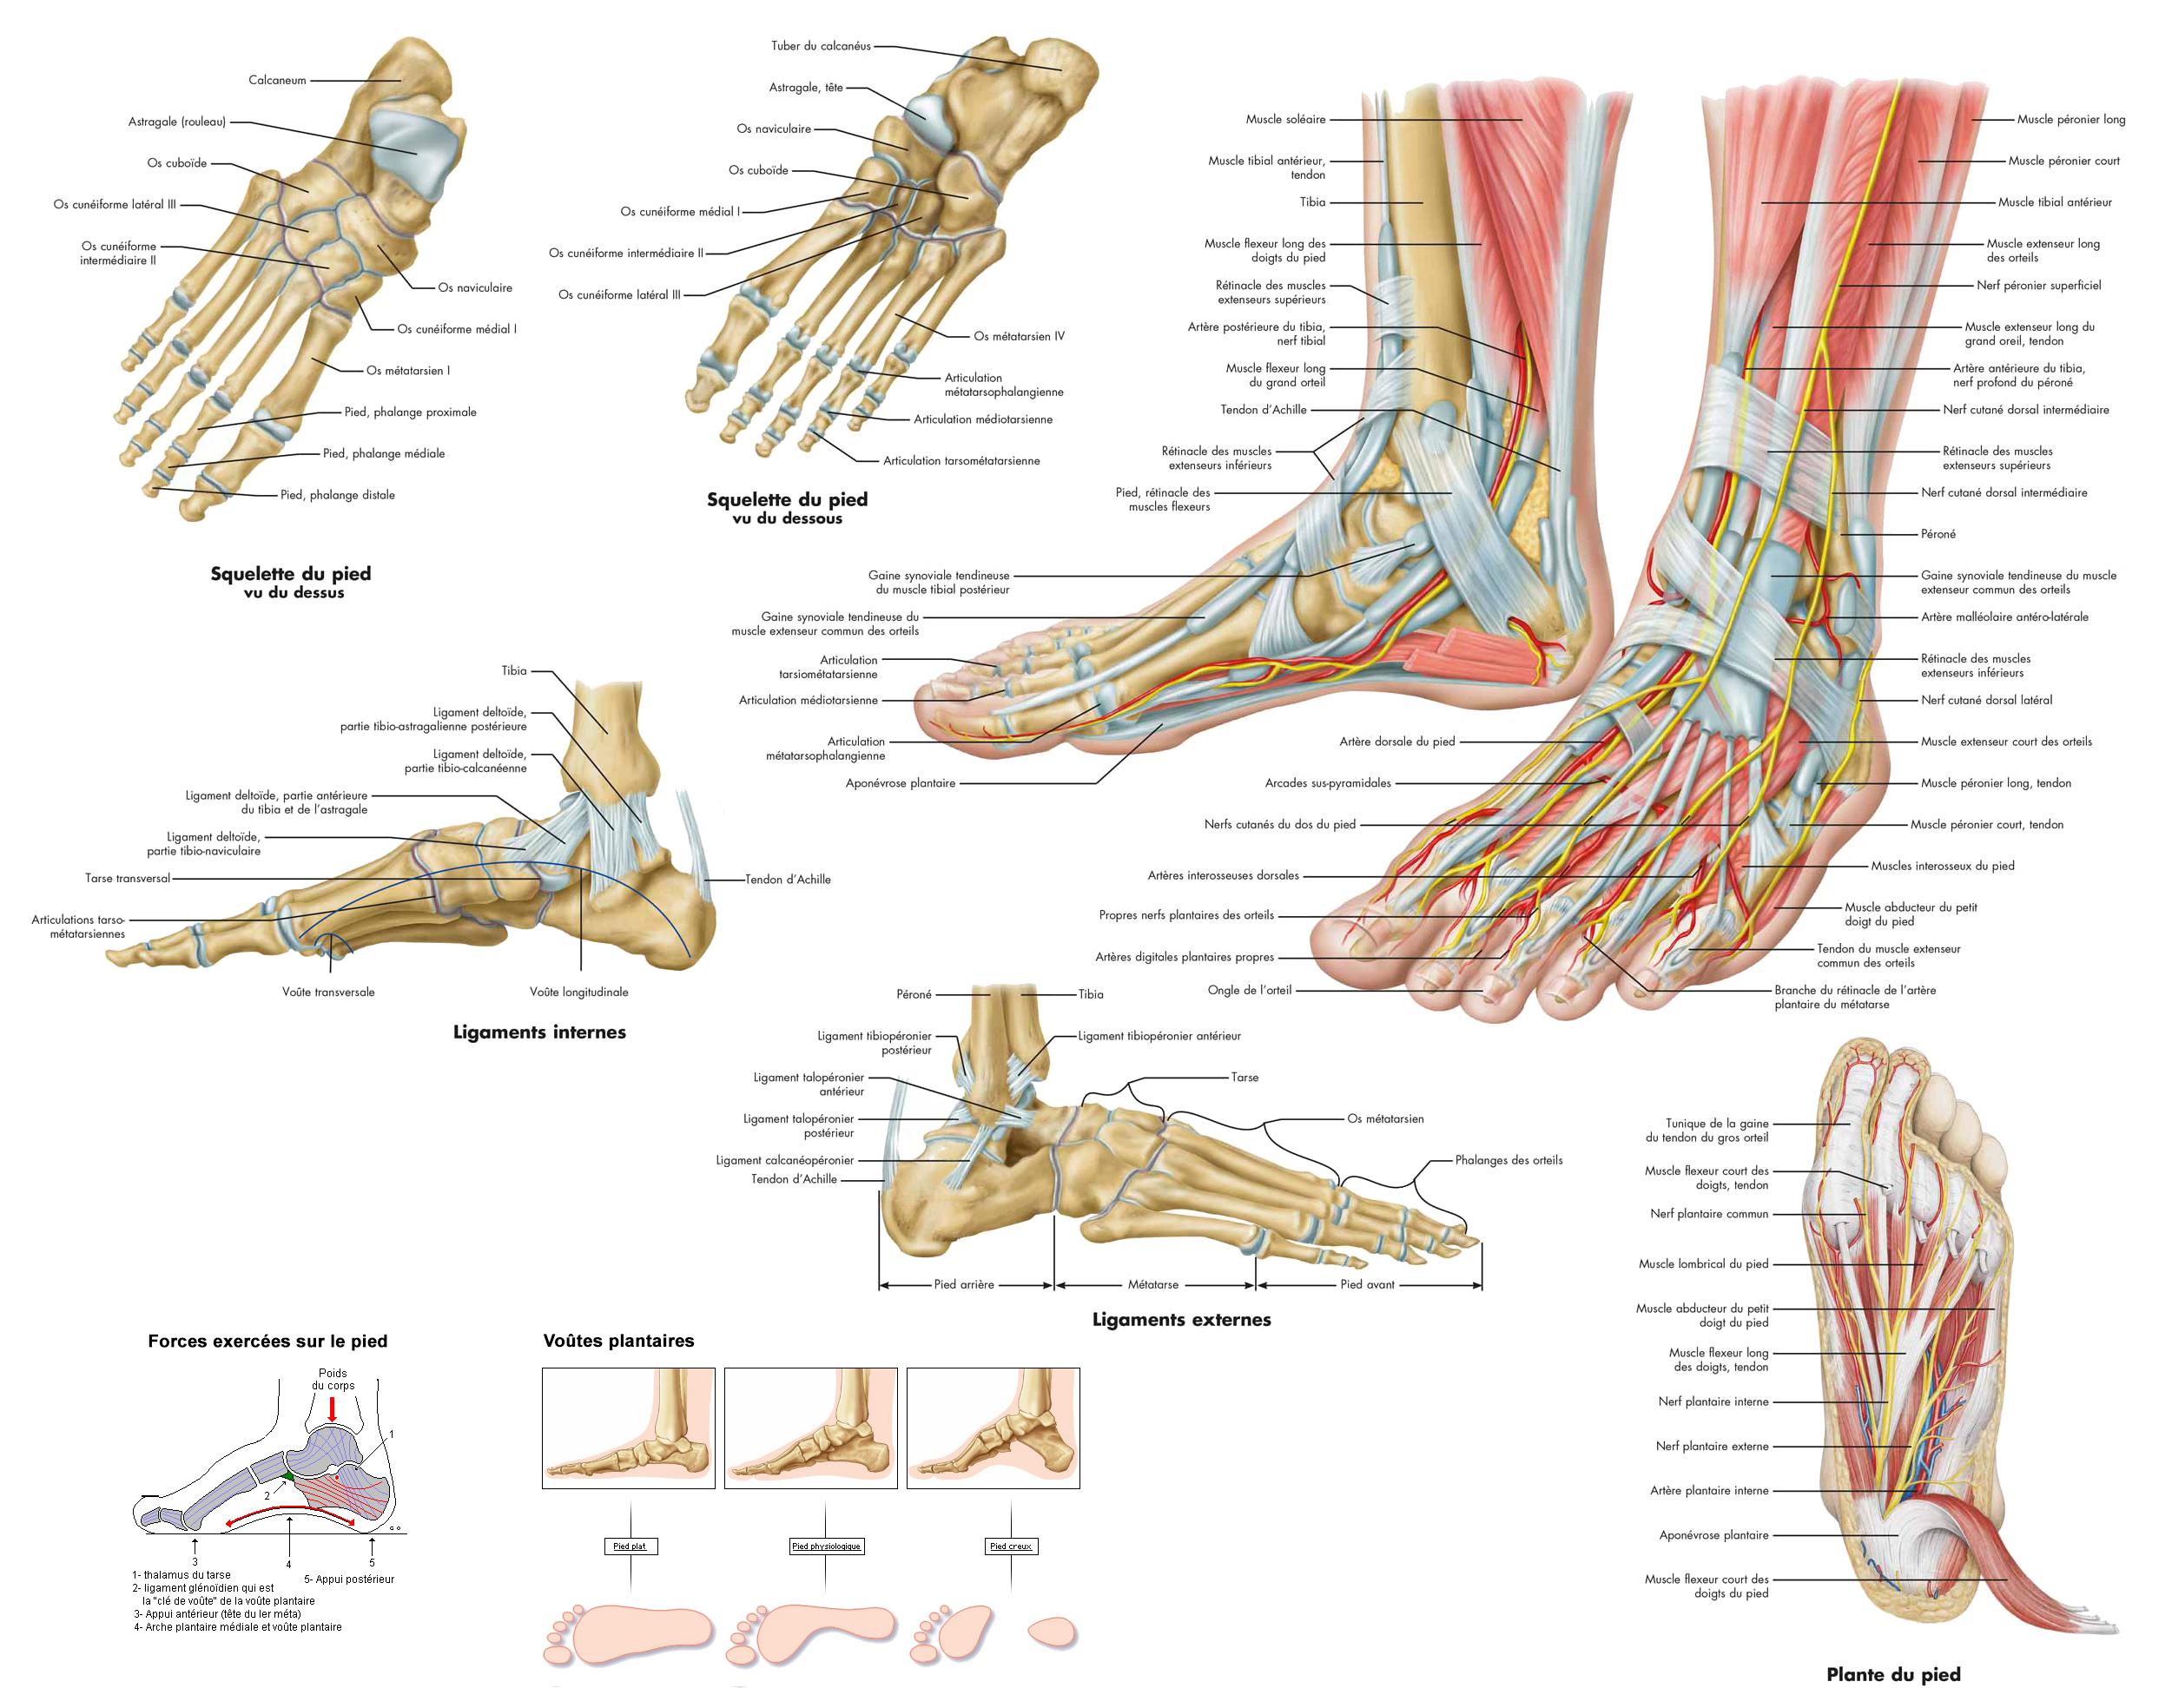 Großartig Anatomie Und Physiologie Des Armes Zeitgenössisch ...